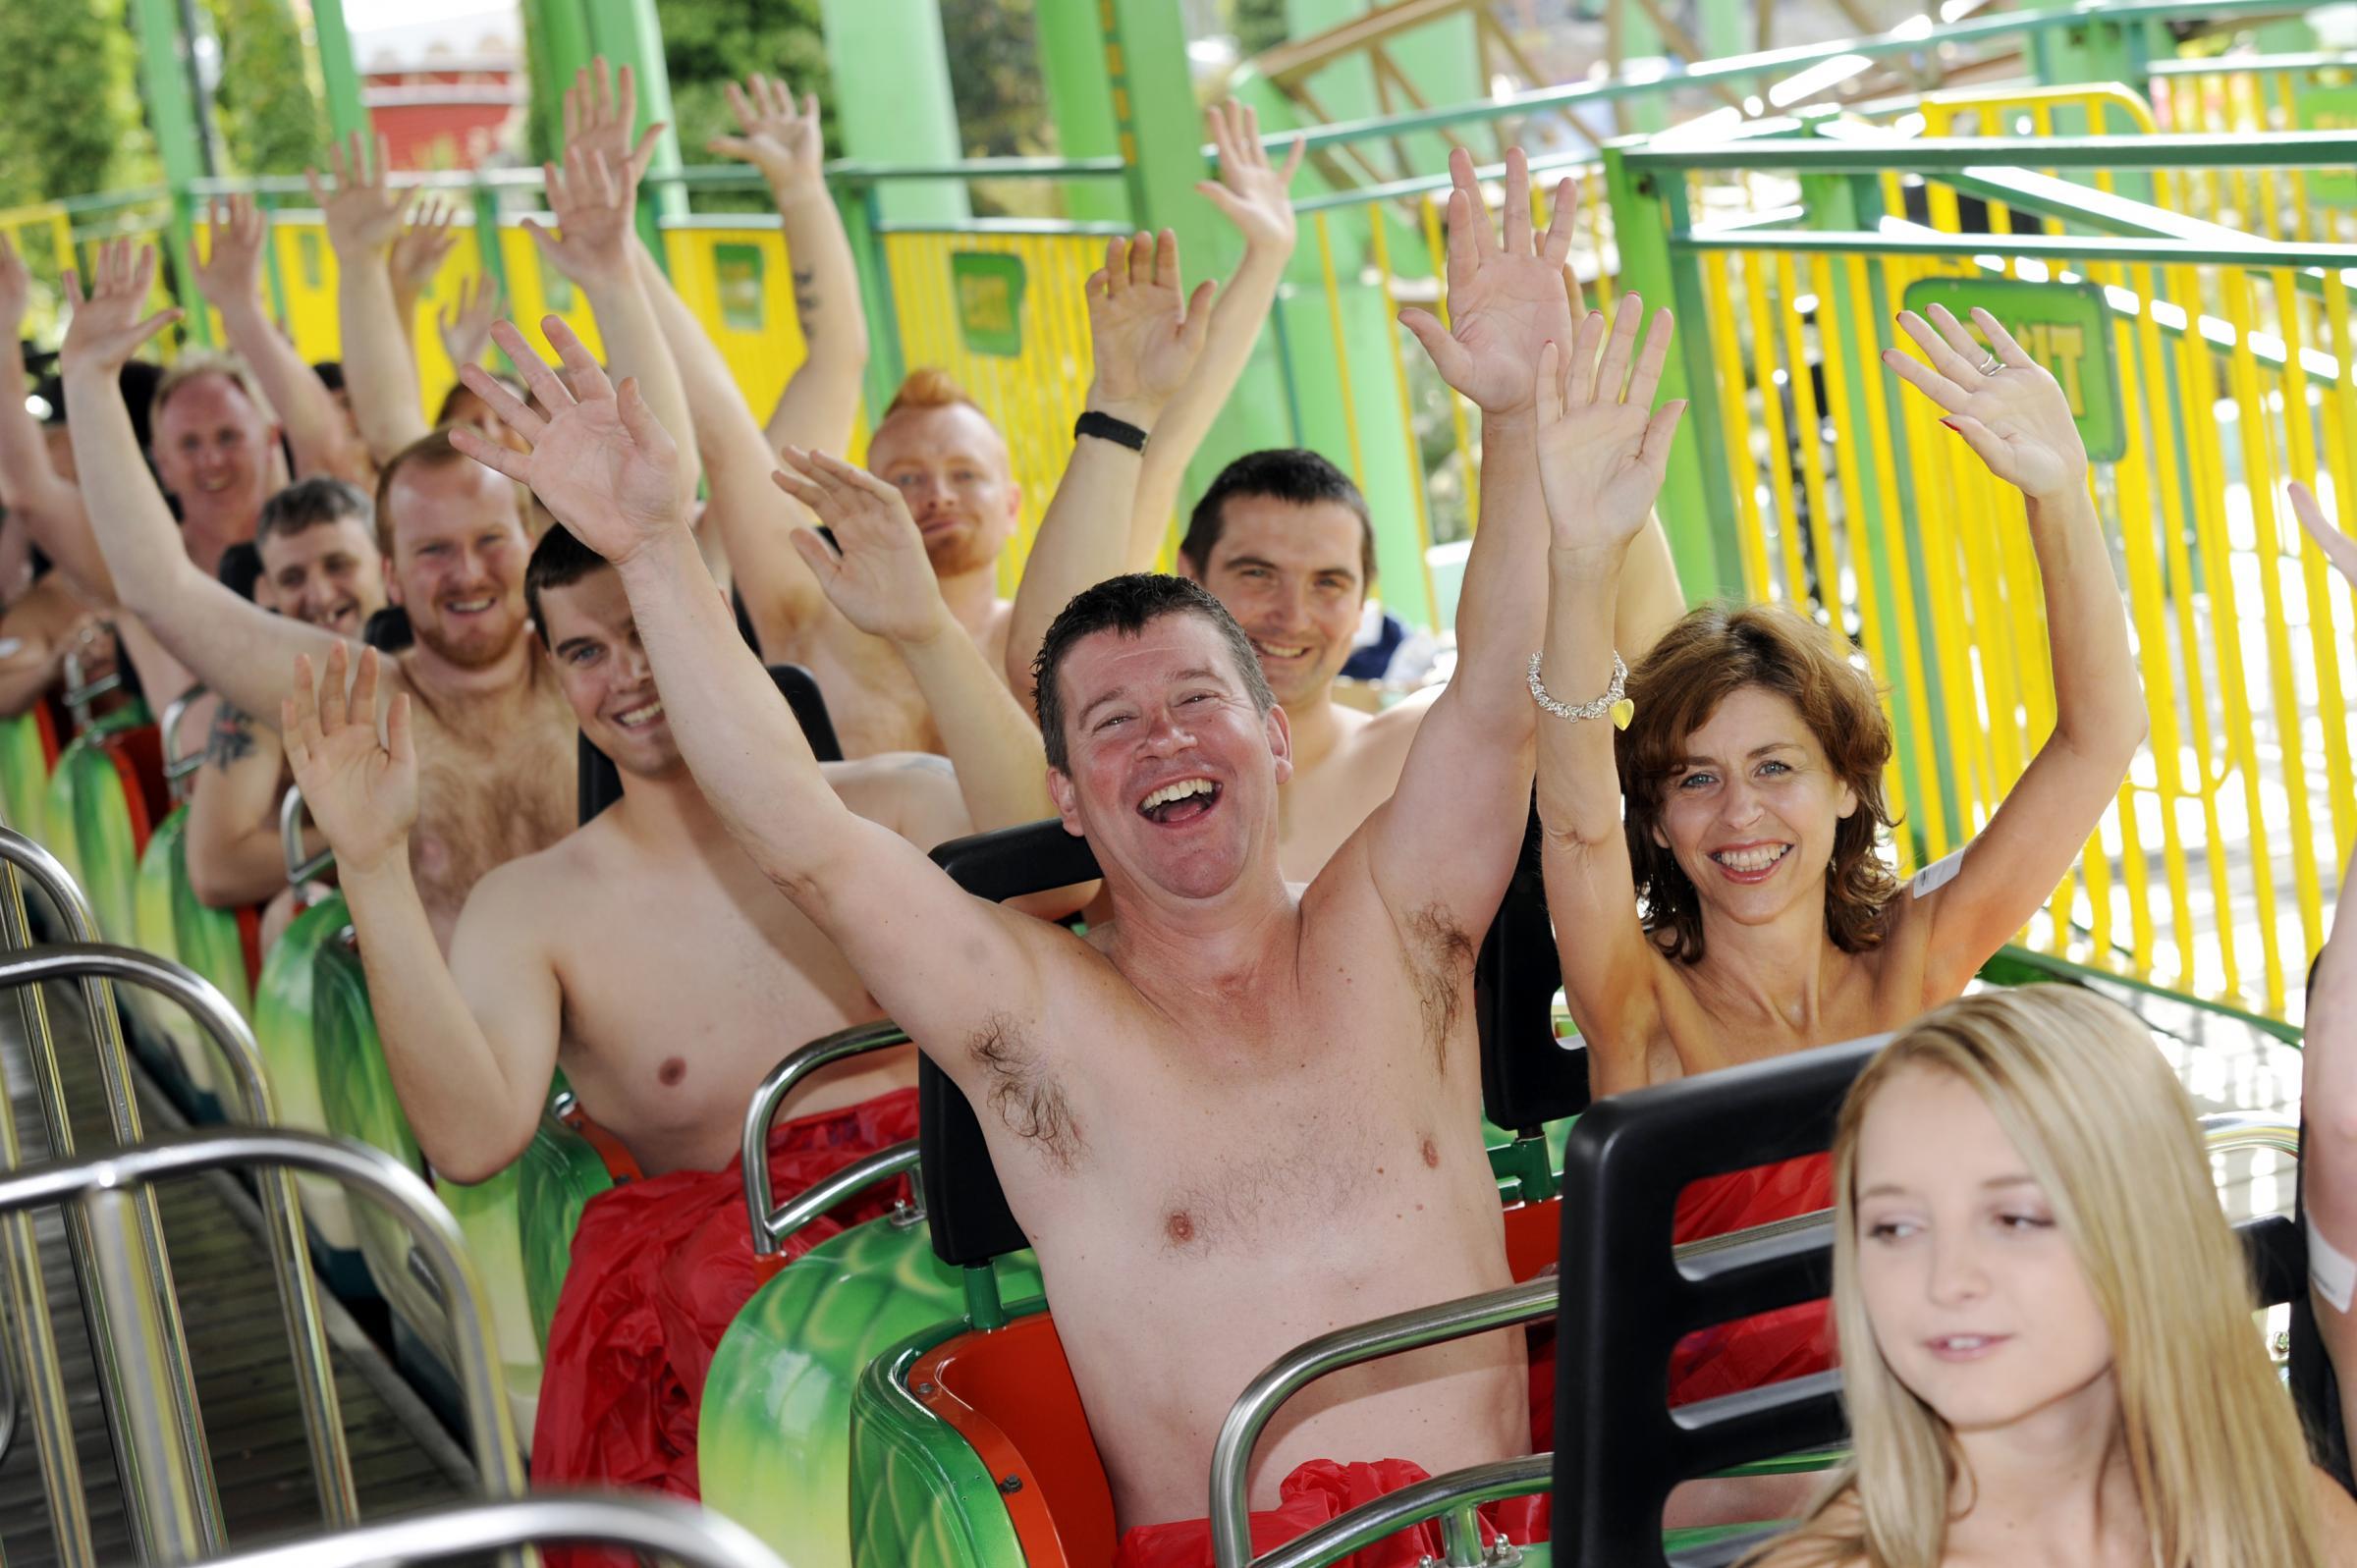 Mature nude rollercoaster nightwear porn bride